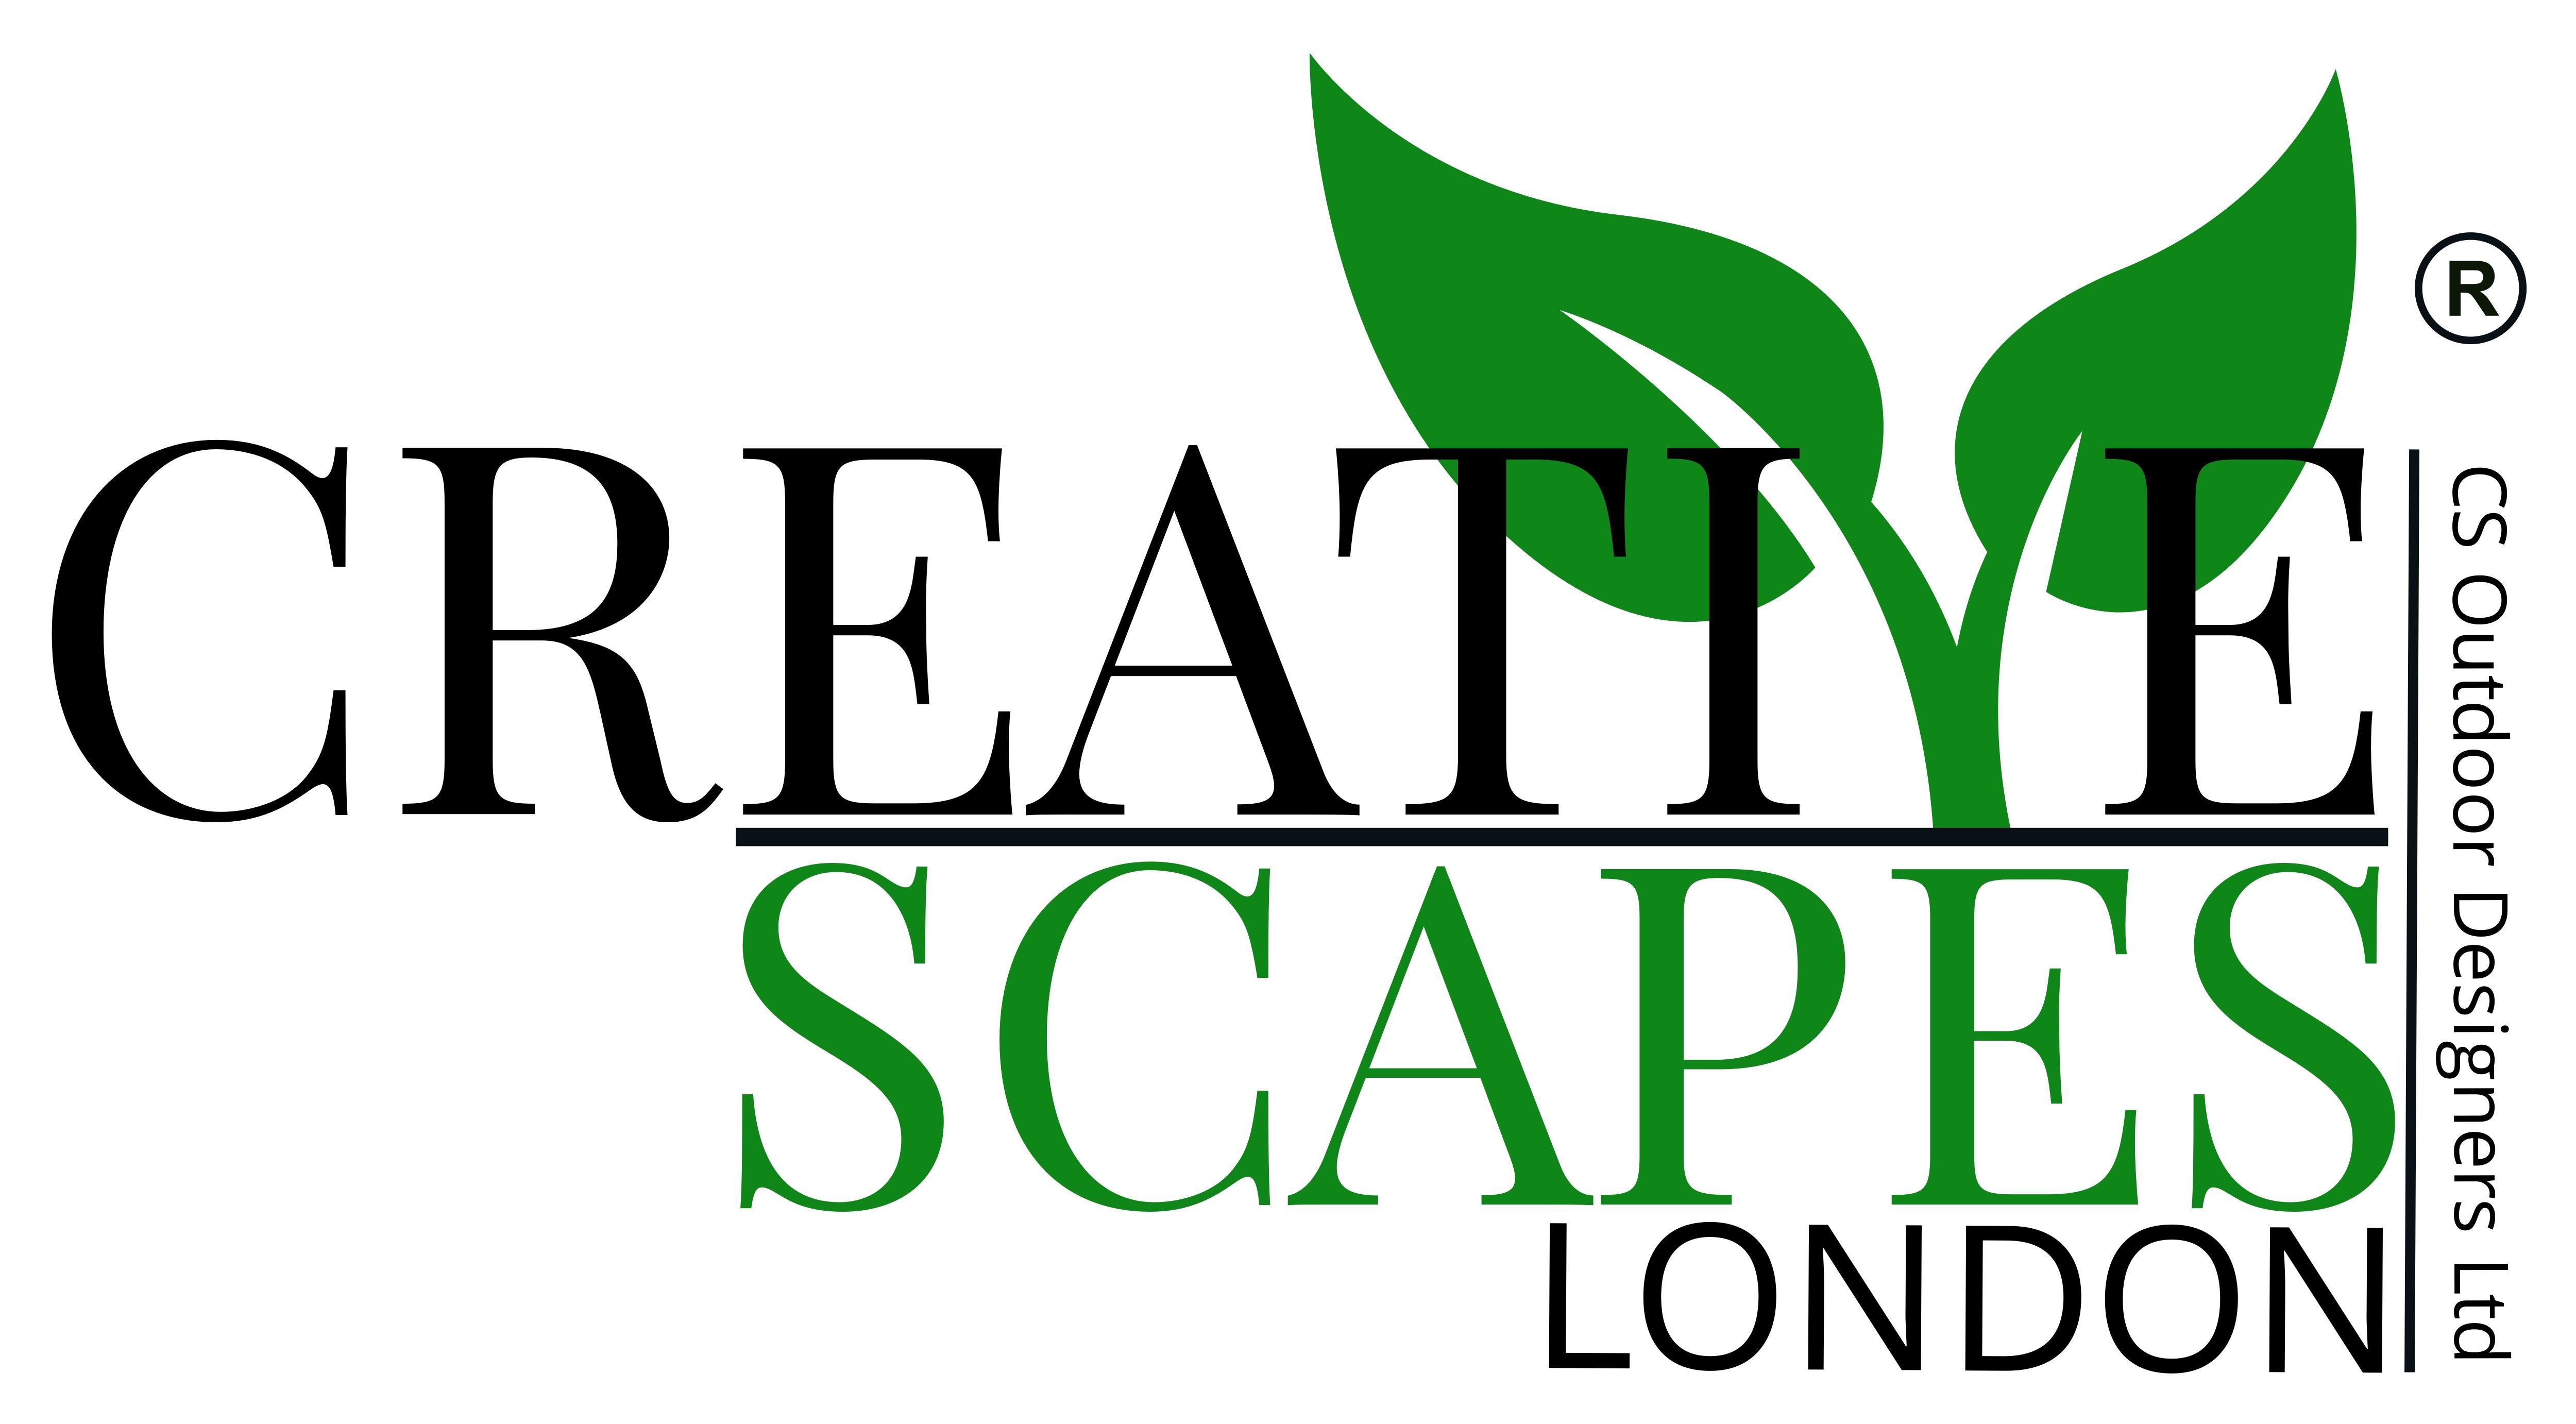 Creative Scapes Ltd